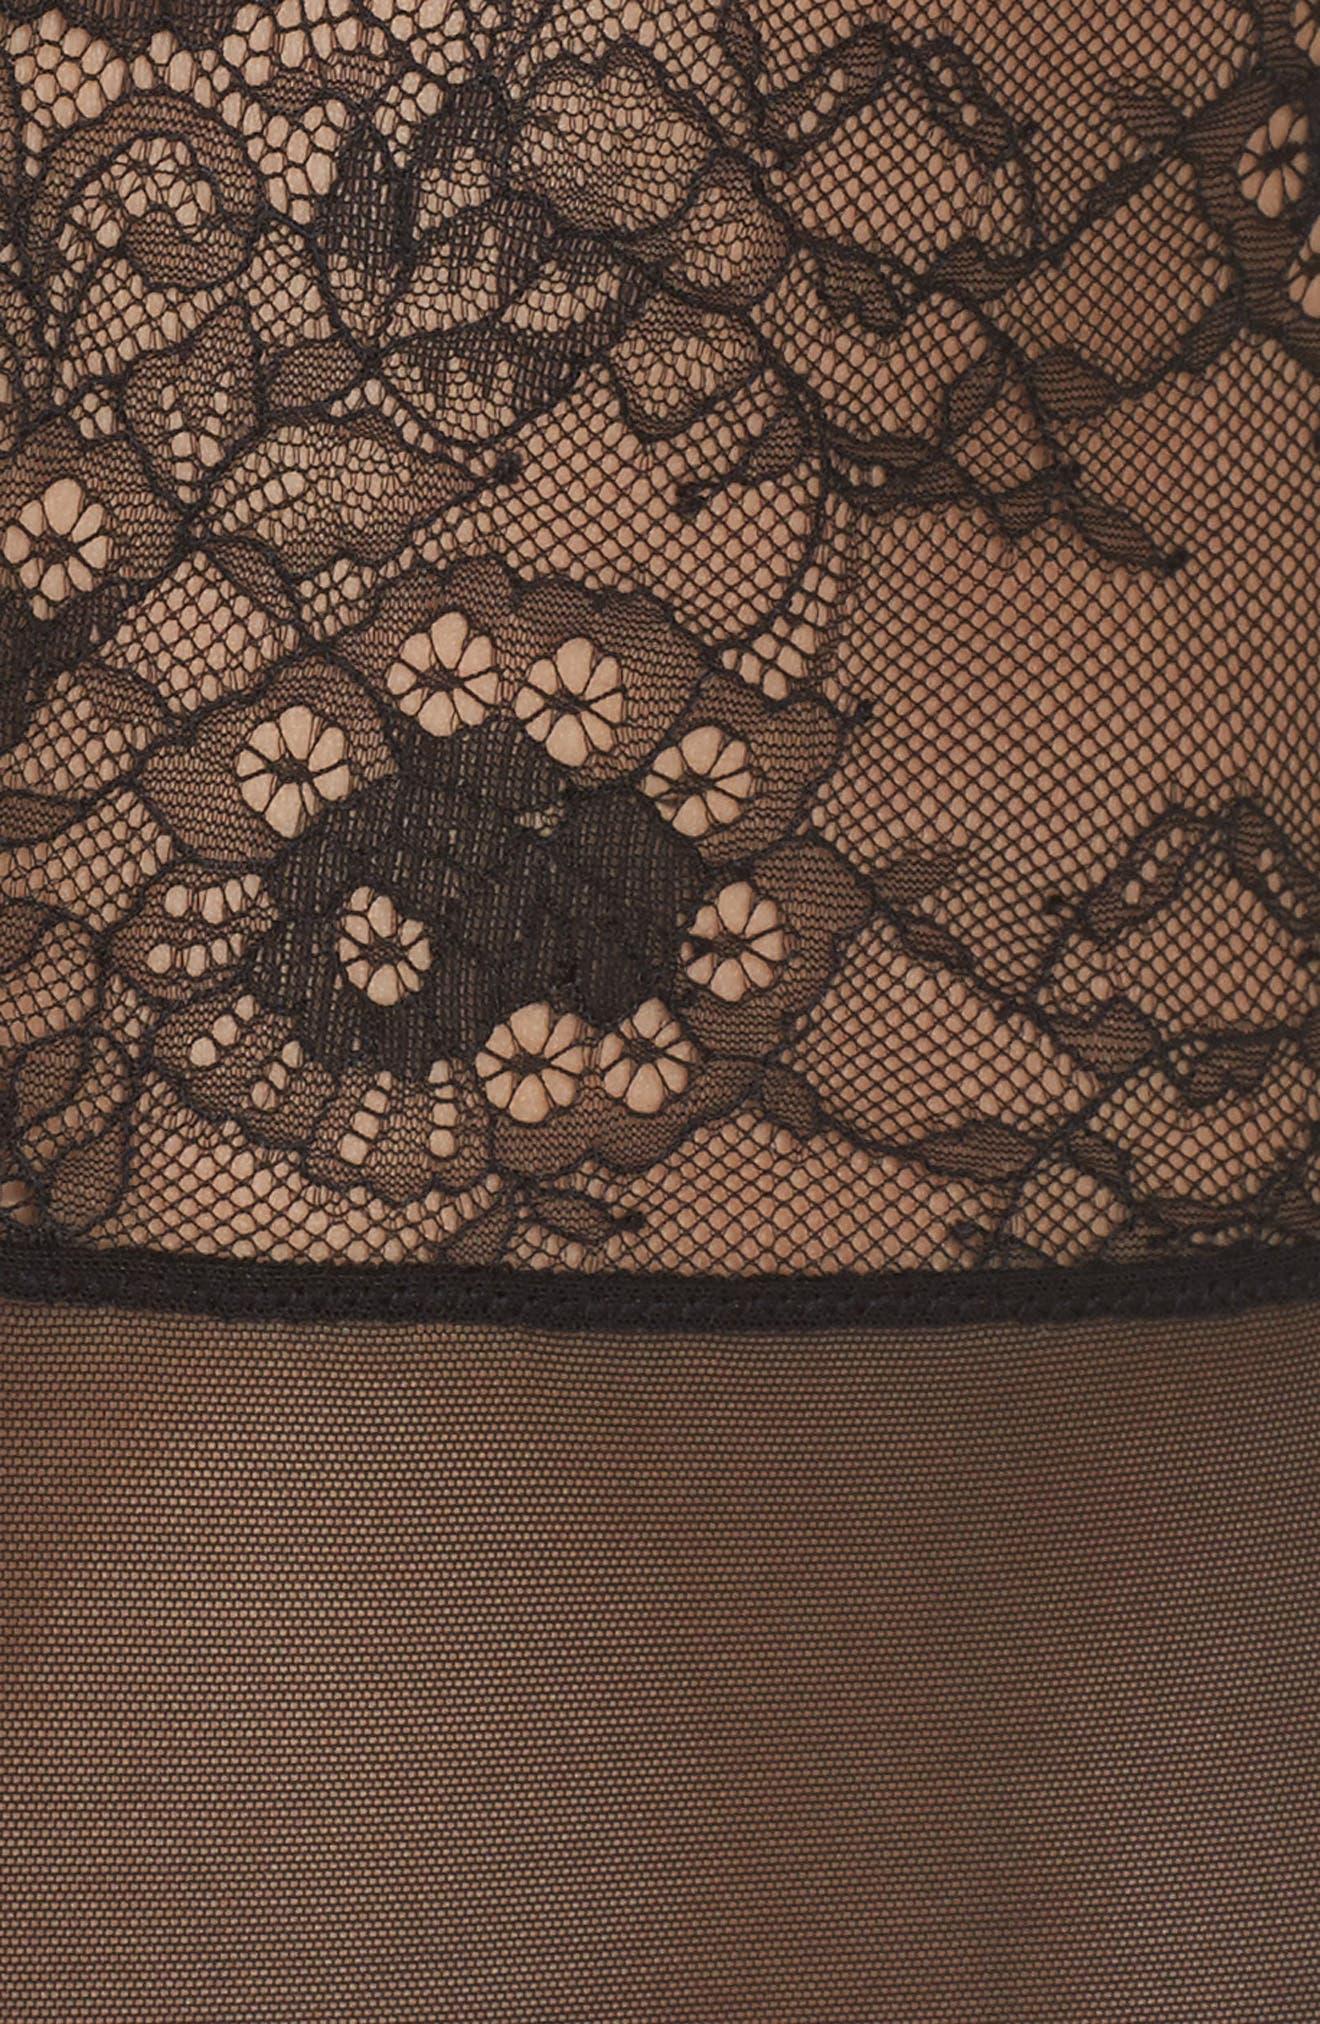 Dossa Lace & Mesh Bodysuit,                             Alternate thumbnail 5, color,                             002